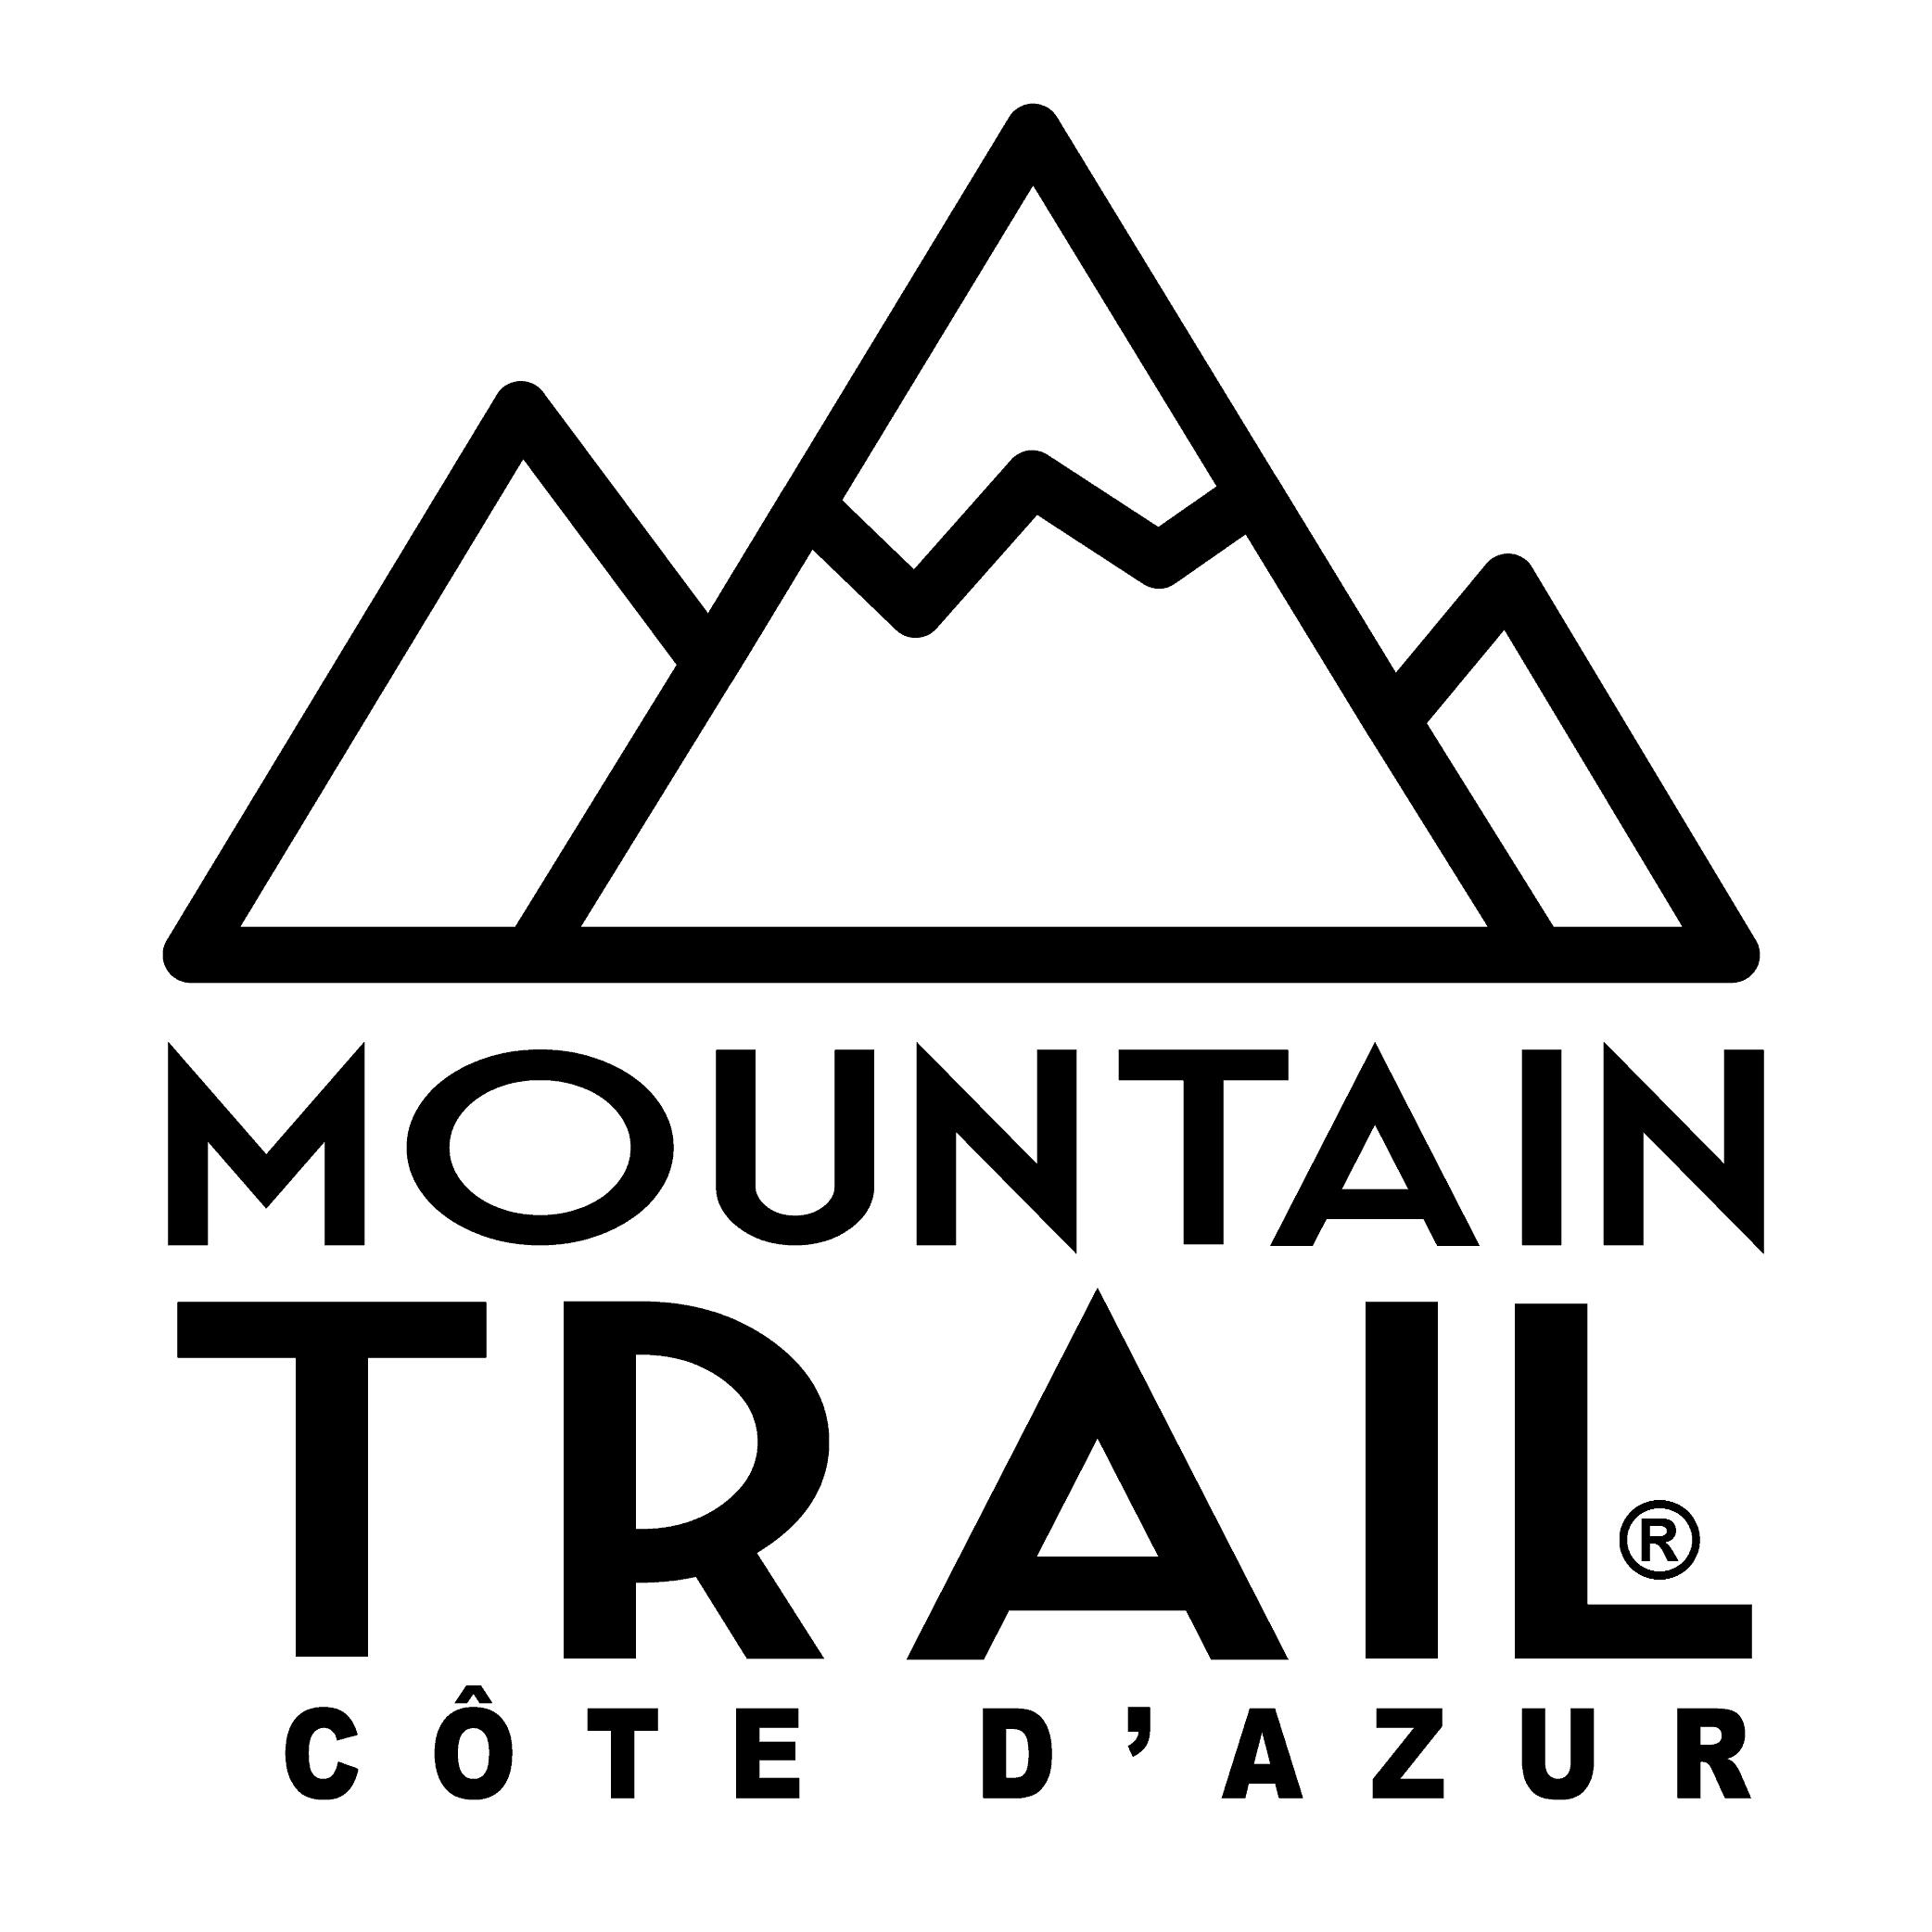 MTCA - MOUNTAIN TRAIL COTE DAZUR v1